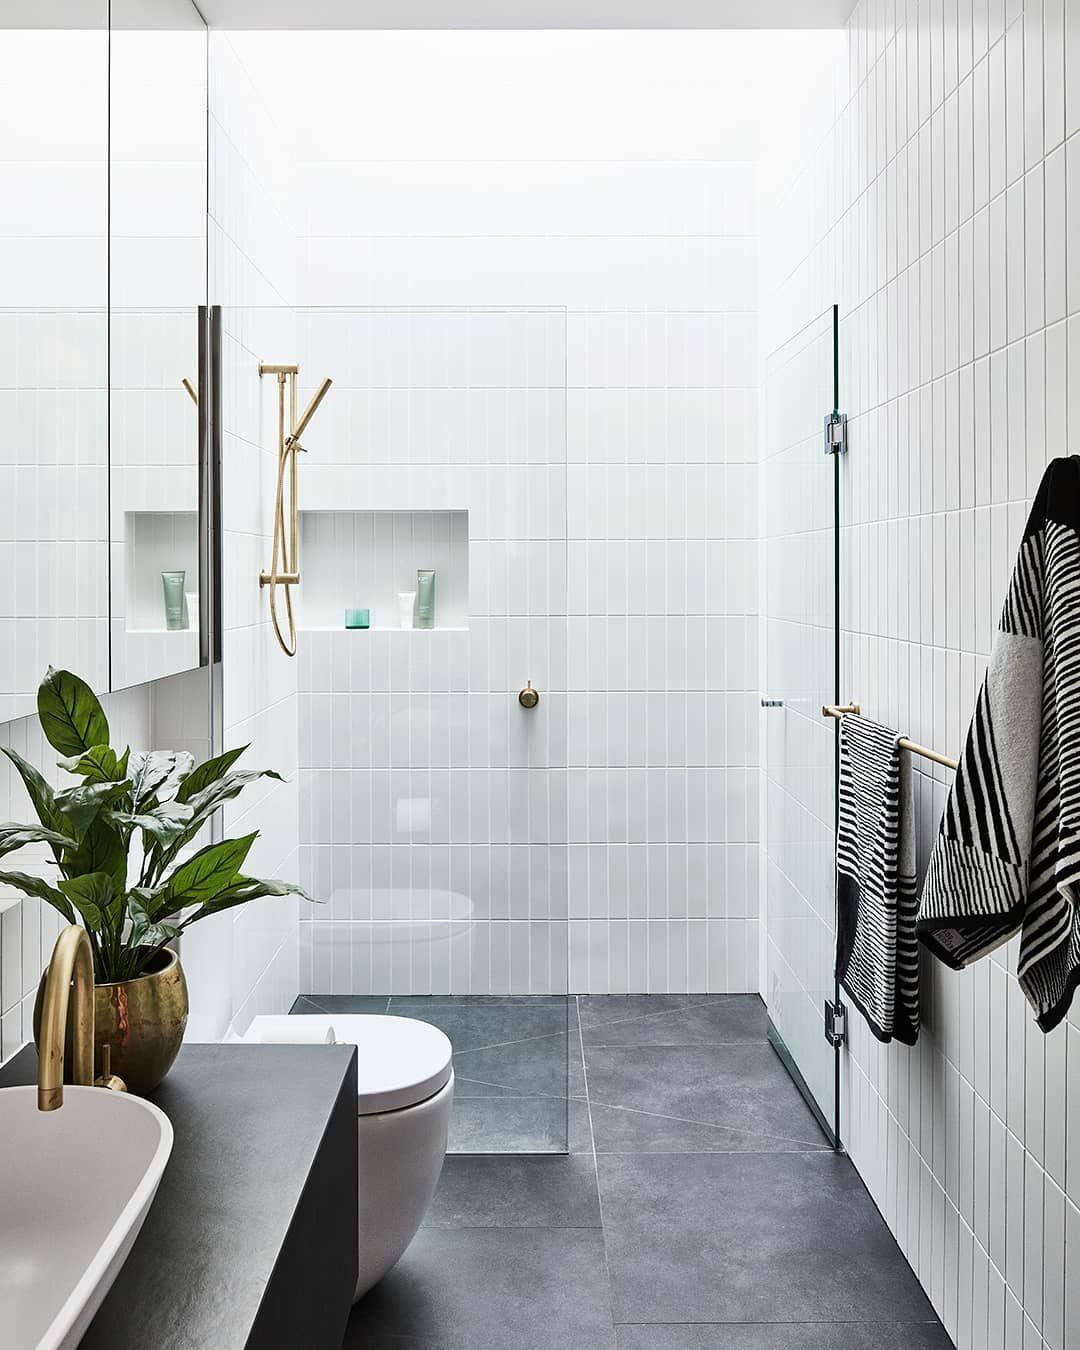 """Photo of Reece Bathrooms auf Instagram: """"Machen Sie Ihren engen Raum mit einem praktischen Design und einem intelligenten Layout härter. Dieses Badezimmer bietet alle Notwendigkeiten eines modernen… """""""